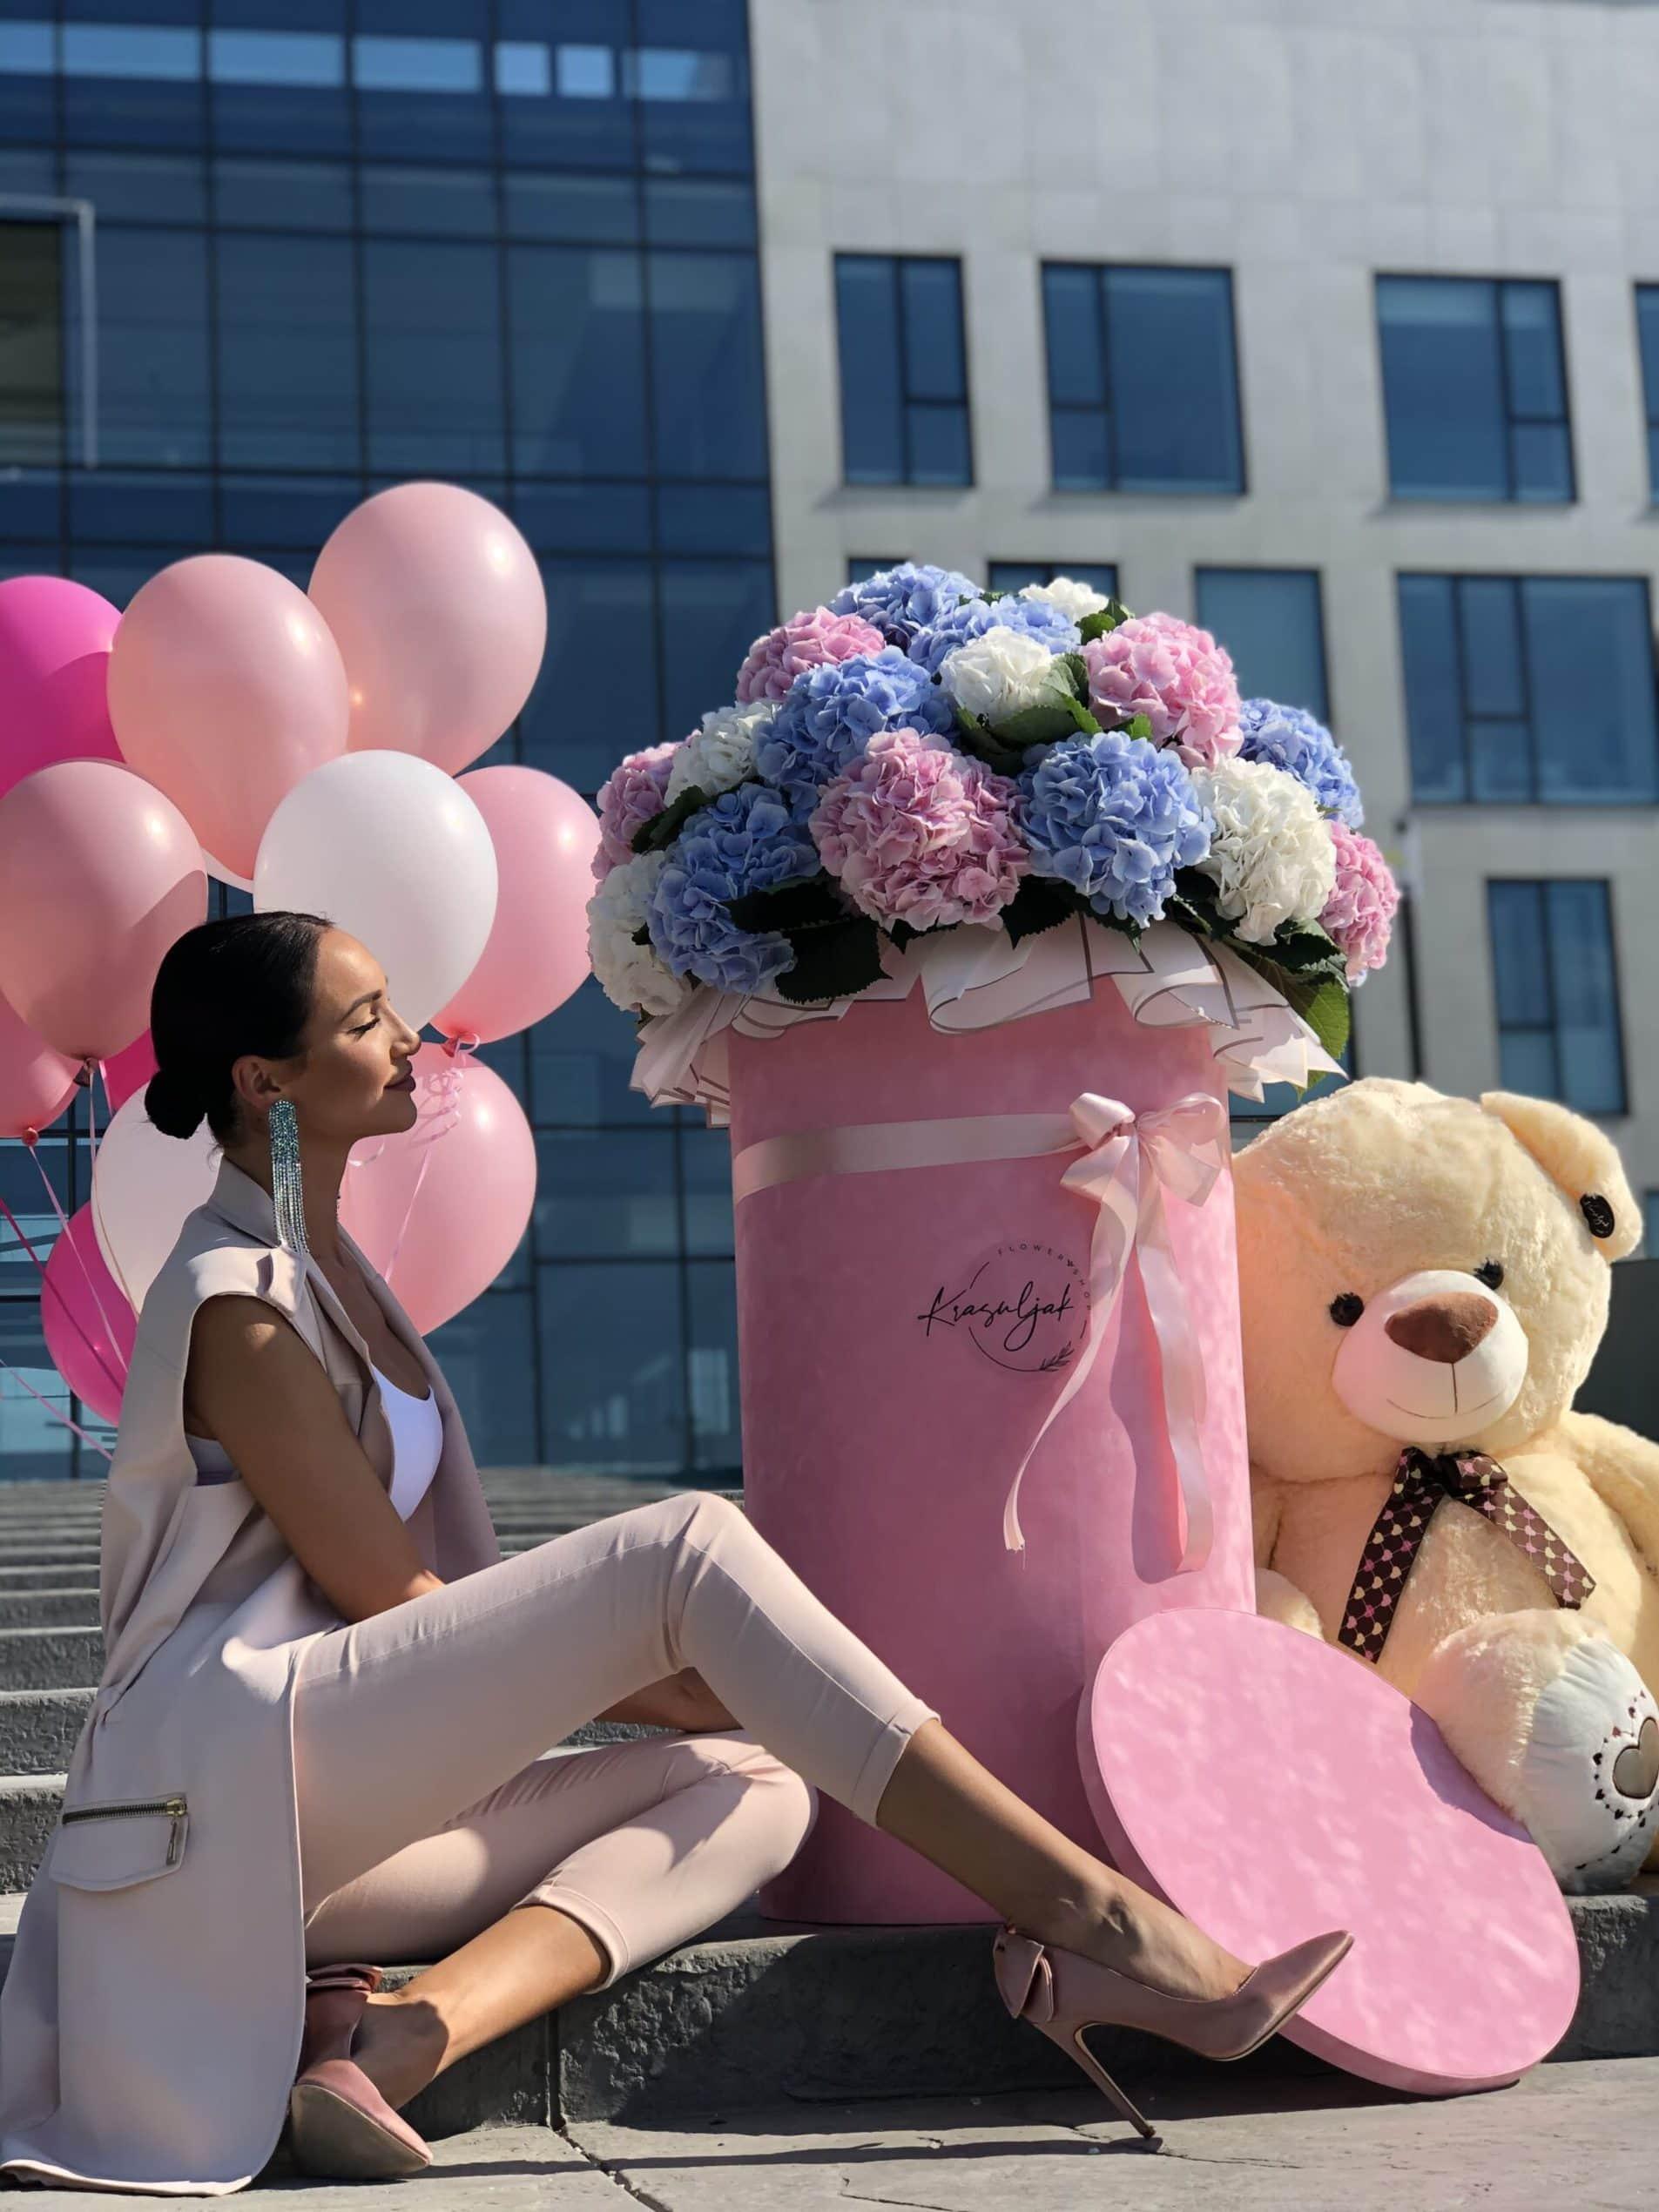 Kutija sa cvećem - ogromna plišana roza kutija sa cvećem, plišani medved, meda, baloni